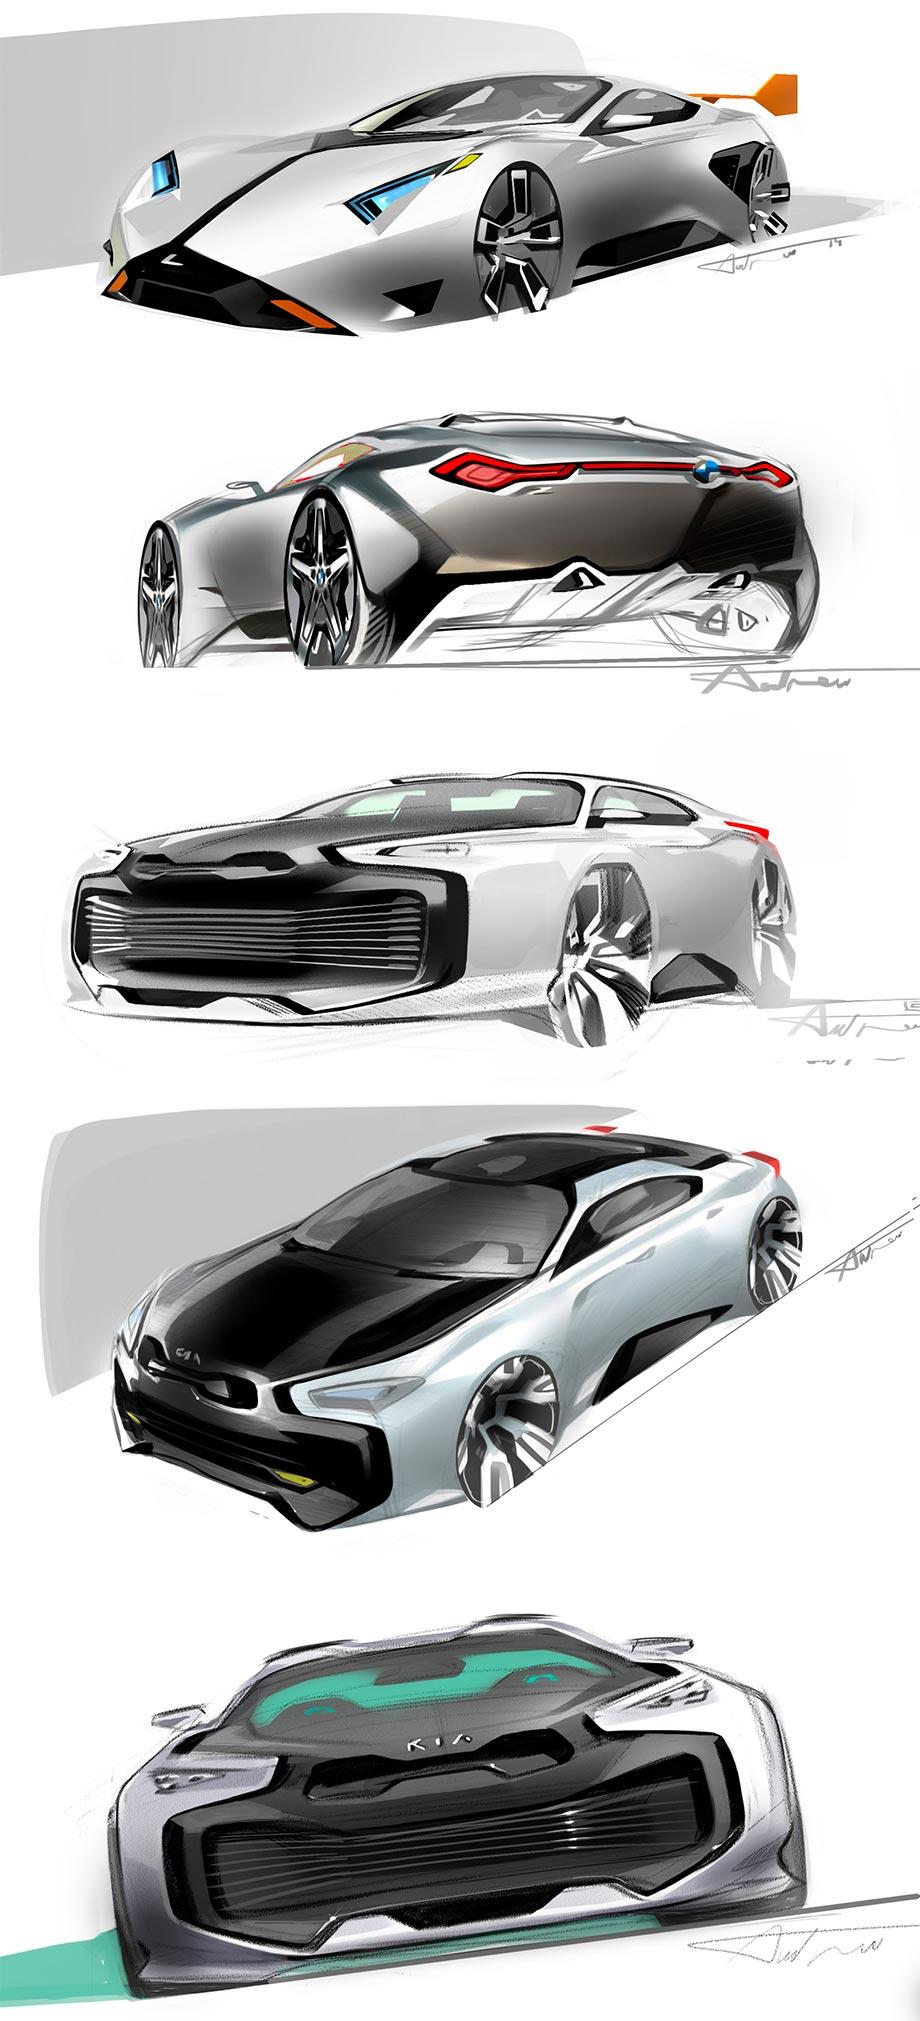 ร่างการออกแบบรถยนต์